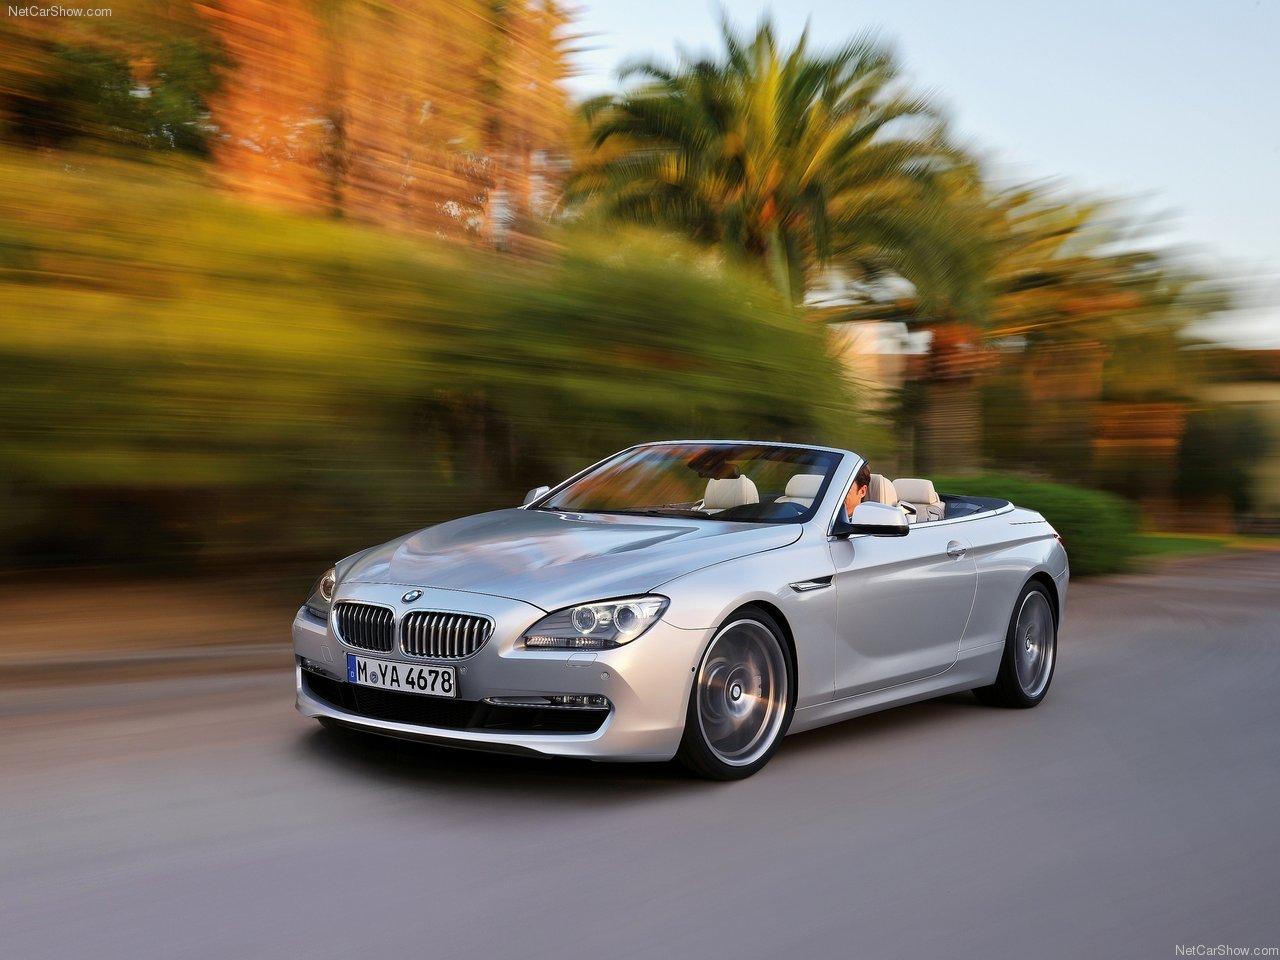 http://2.bp.blogspot.com/_aYHy9i_CR0Y/TSYLYNO9ShI/AAAAAAAAFM0/b0u9iu5S3mE/s1600/BMW-650i_Convertible_2012_1280x960_wallpaper_03.jpg